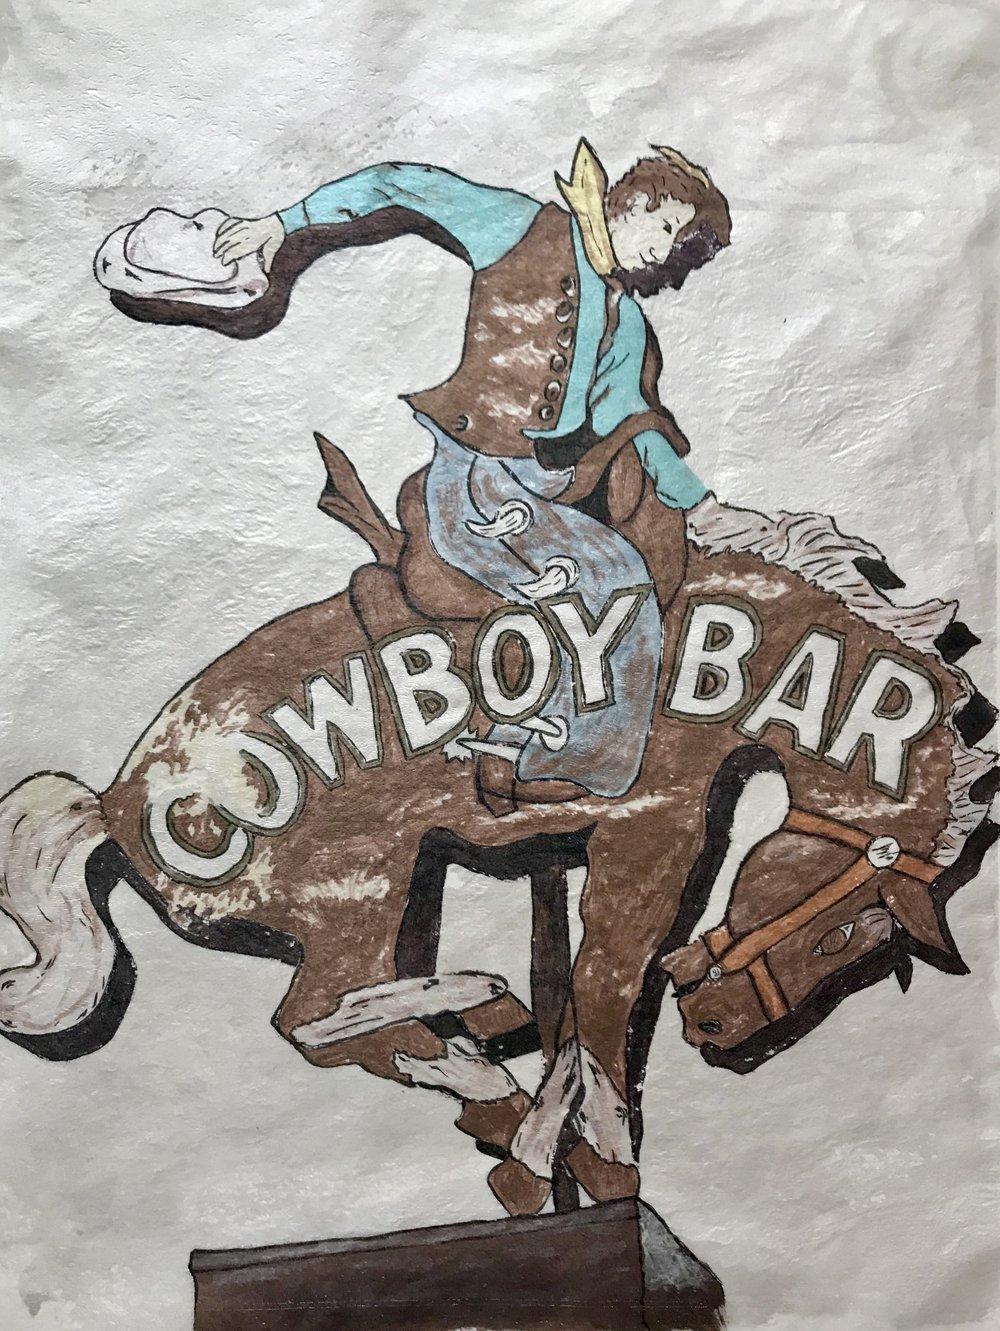 cowboy bar.jpg